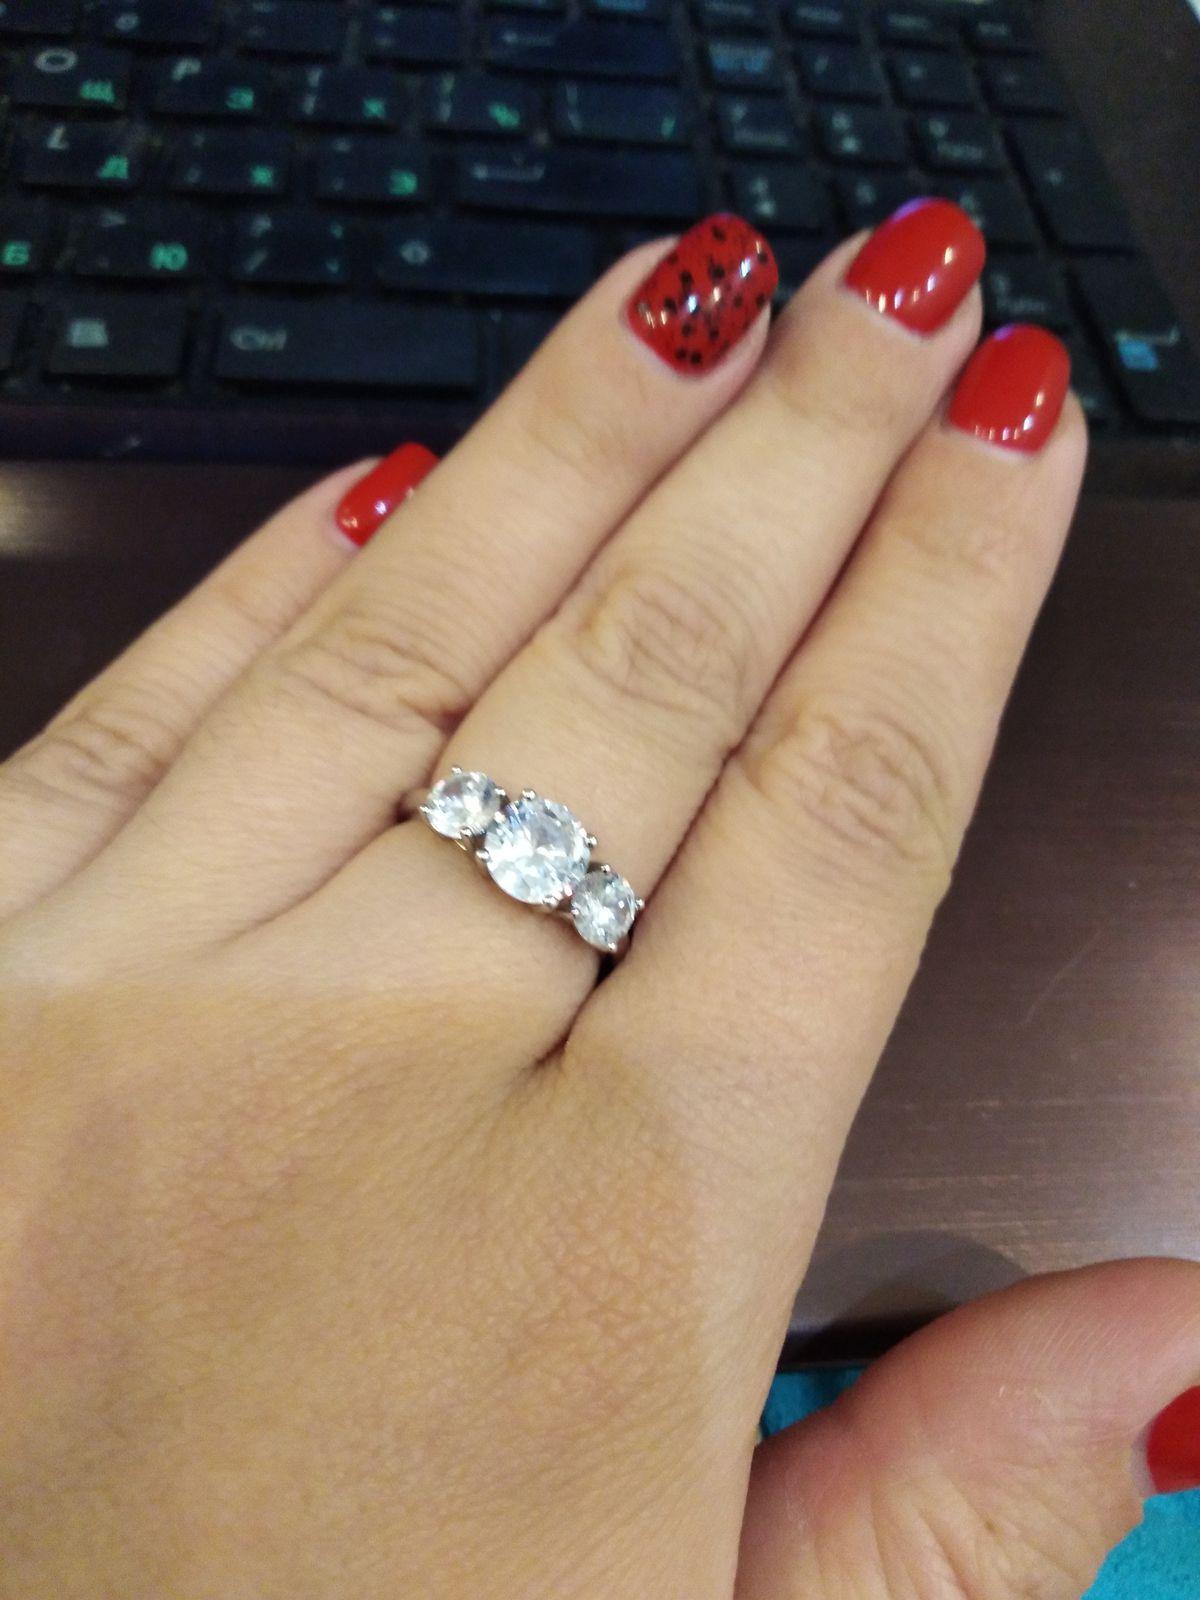 Купила это кольцо недавно, очень нравиться, ношу с удовольствием.